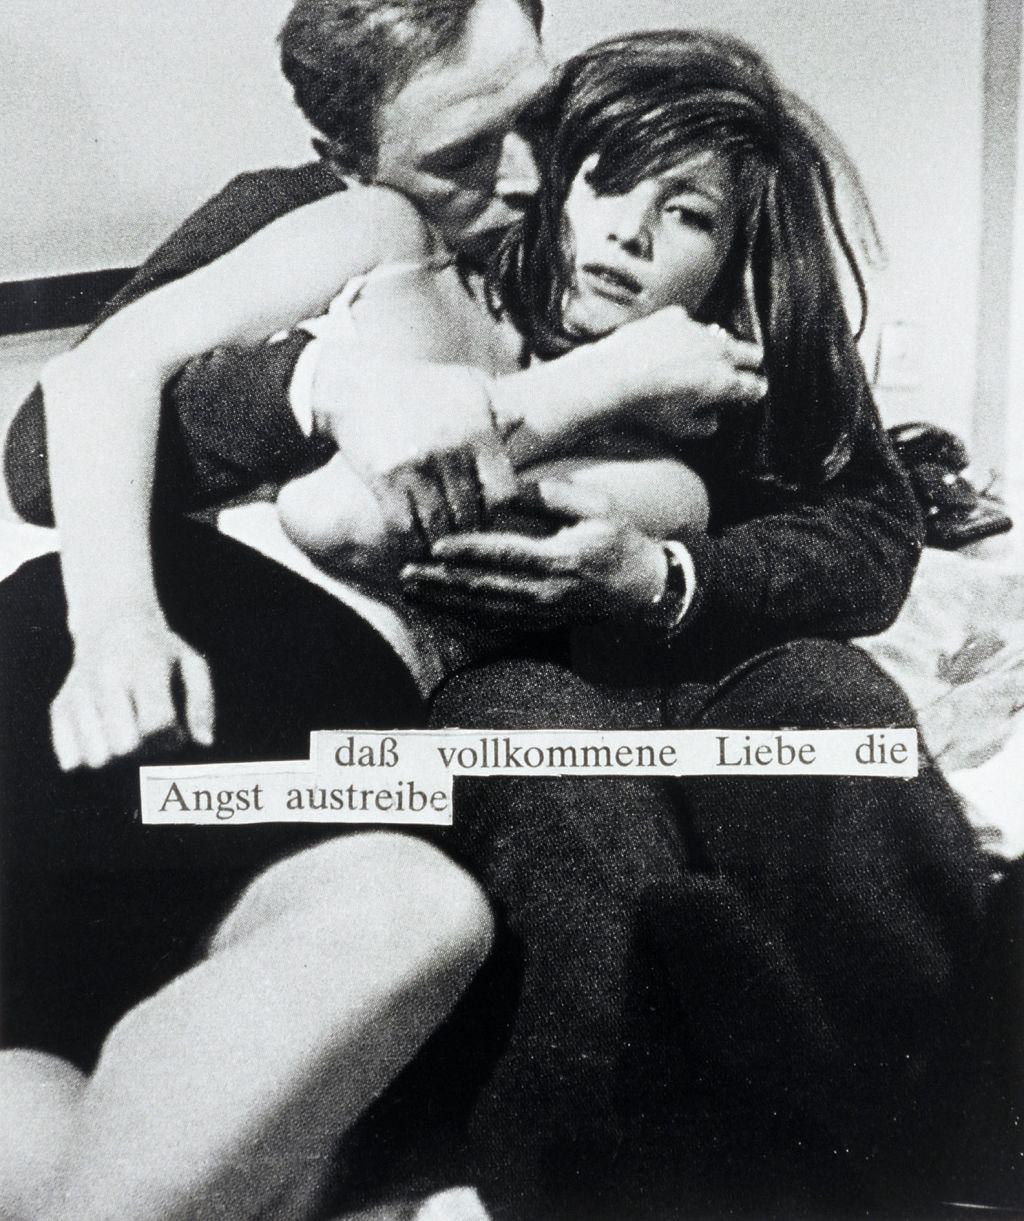 Astrid Klein – ASTRID KLEIN. DASS VOLLKOMMENE LIEBE DIE FURCHT AUSTREIBE (THAT PERFECT LOVE DRIVES OUT FEAR)